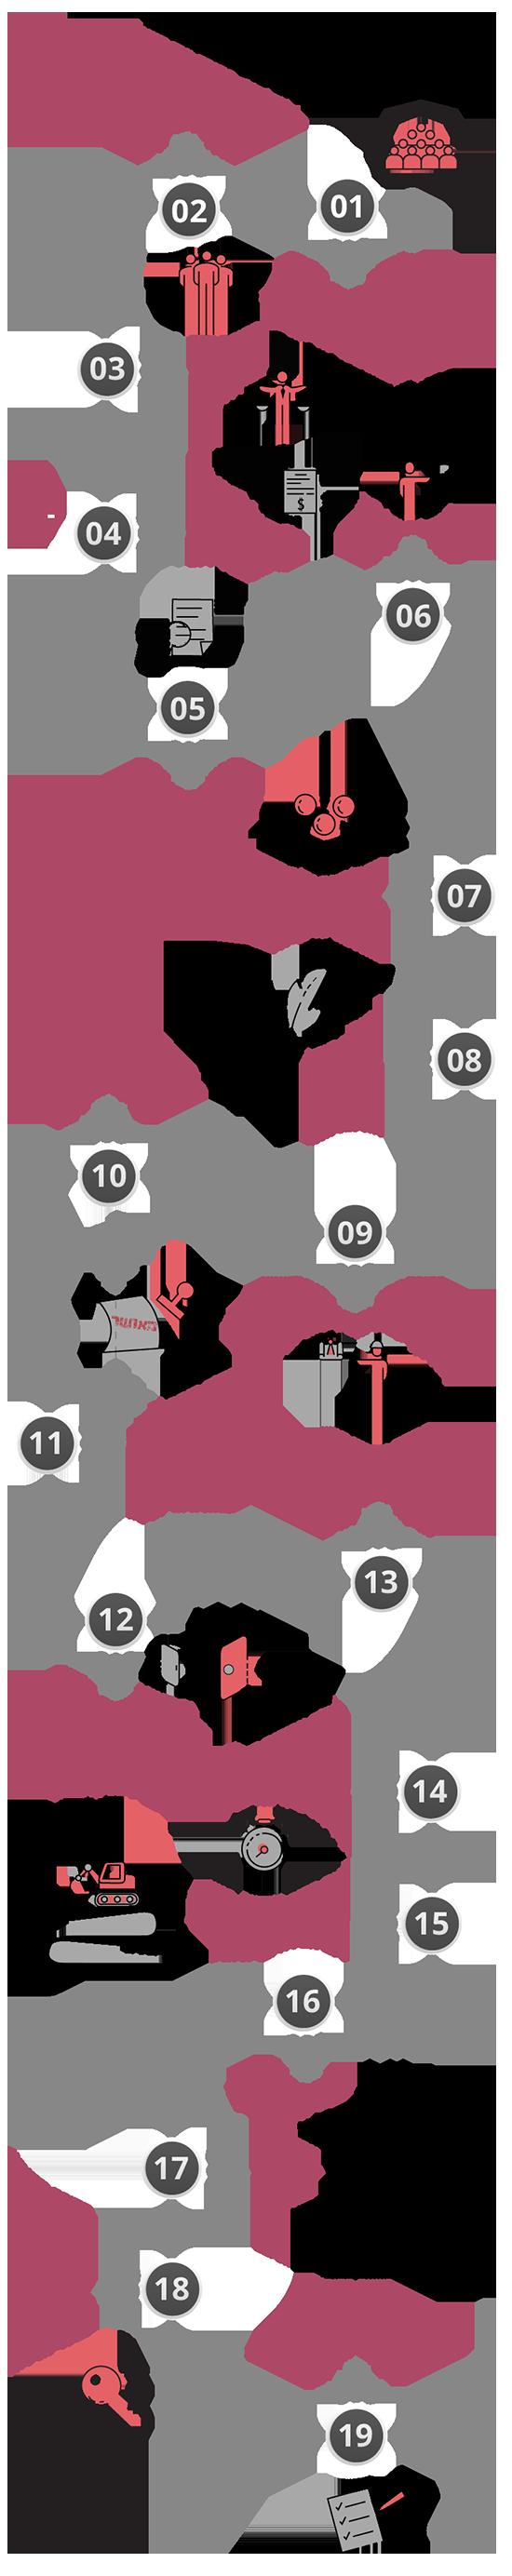 מסלול פינוי בינוי: ארגון וביצוע  / אינפוגרפיק: טלי בוגדנובסקי